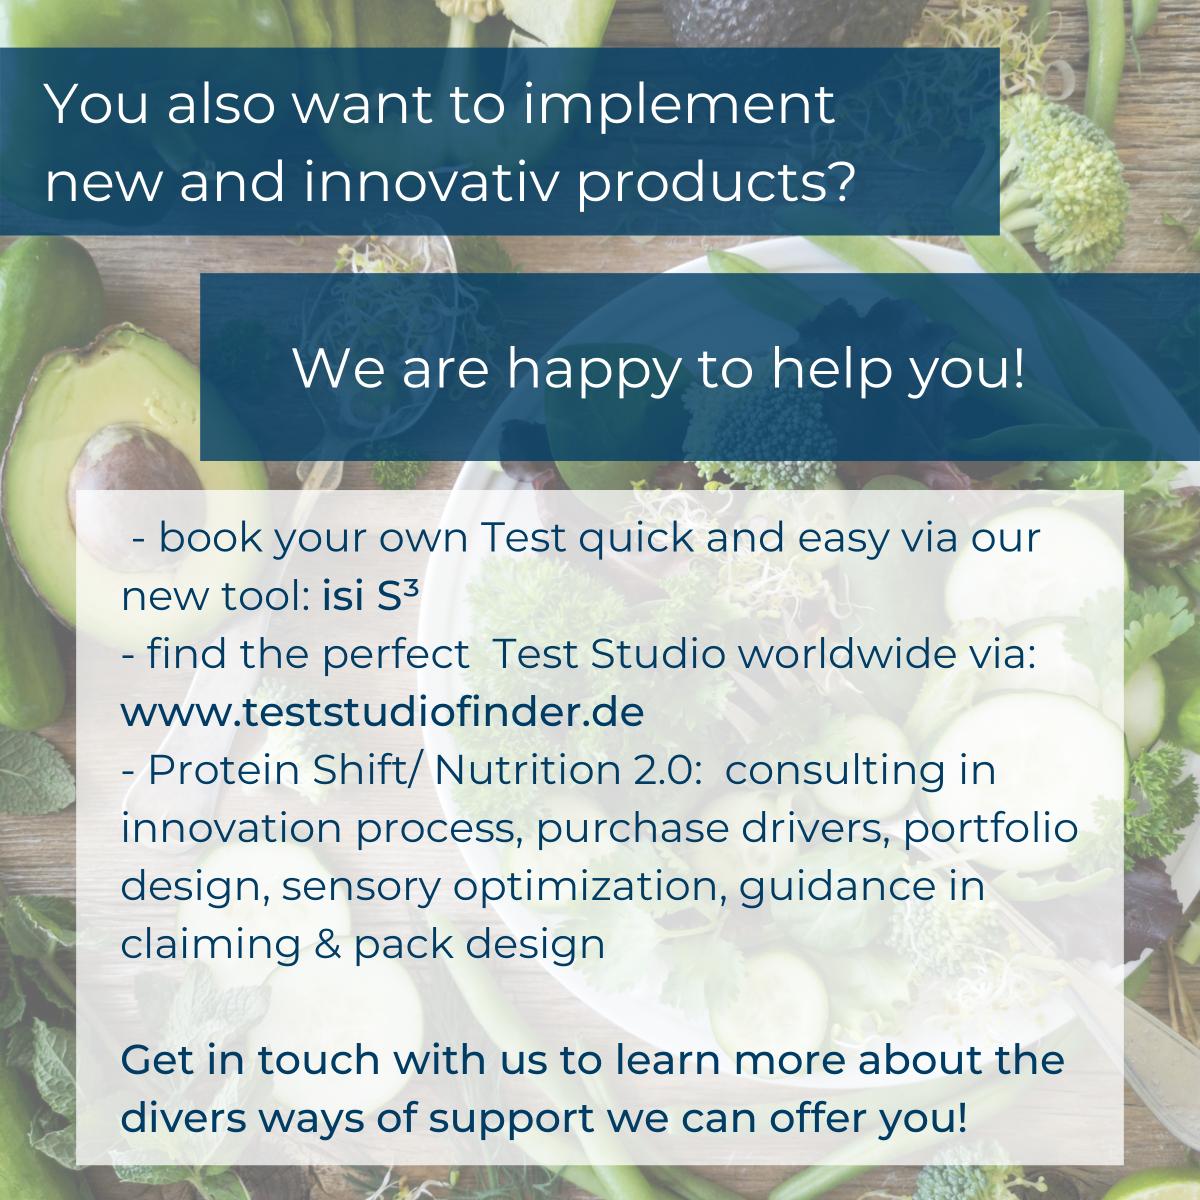 Wir helfen Ihnen gerne bei Ihrer Lebensmittel-Innovation!